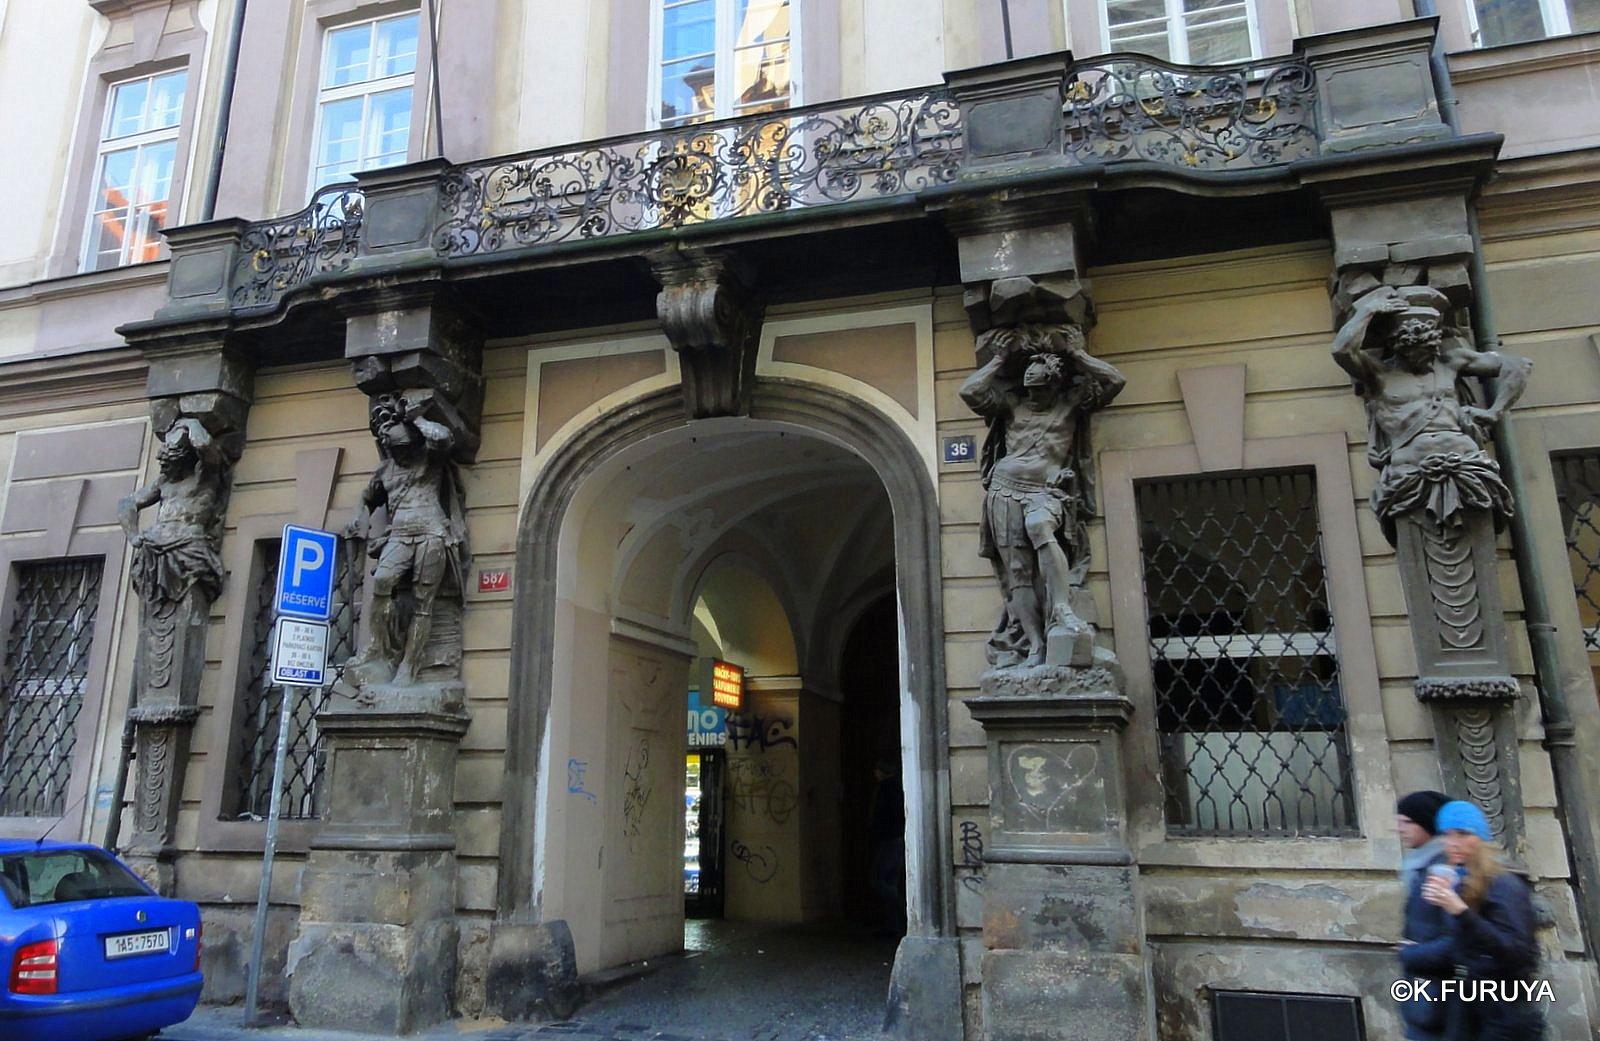 プラハ 9  旧市街広場_a0092659_21532717.jpg